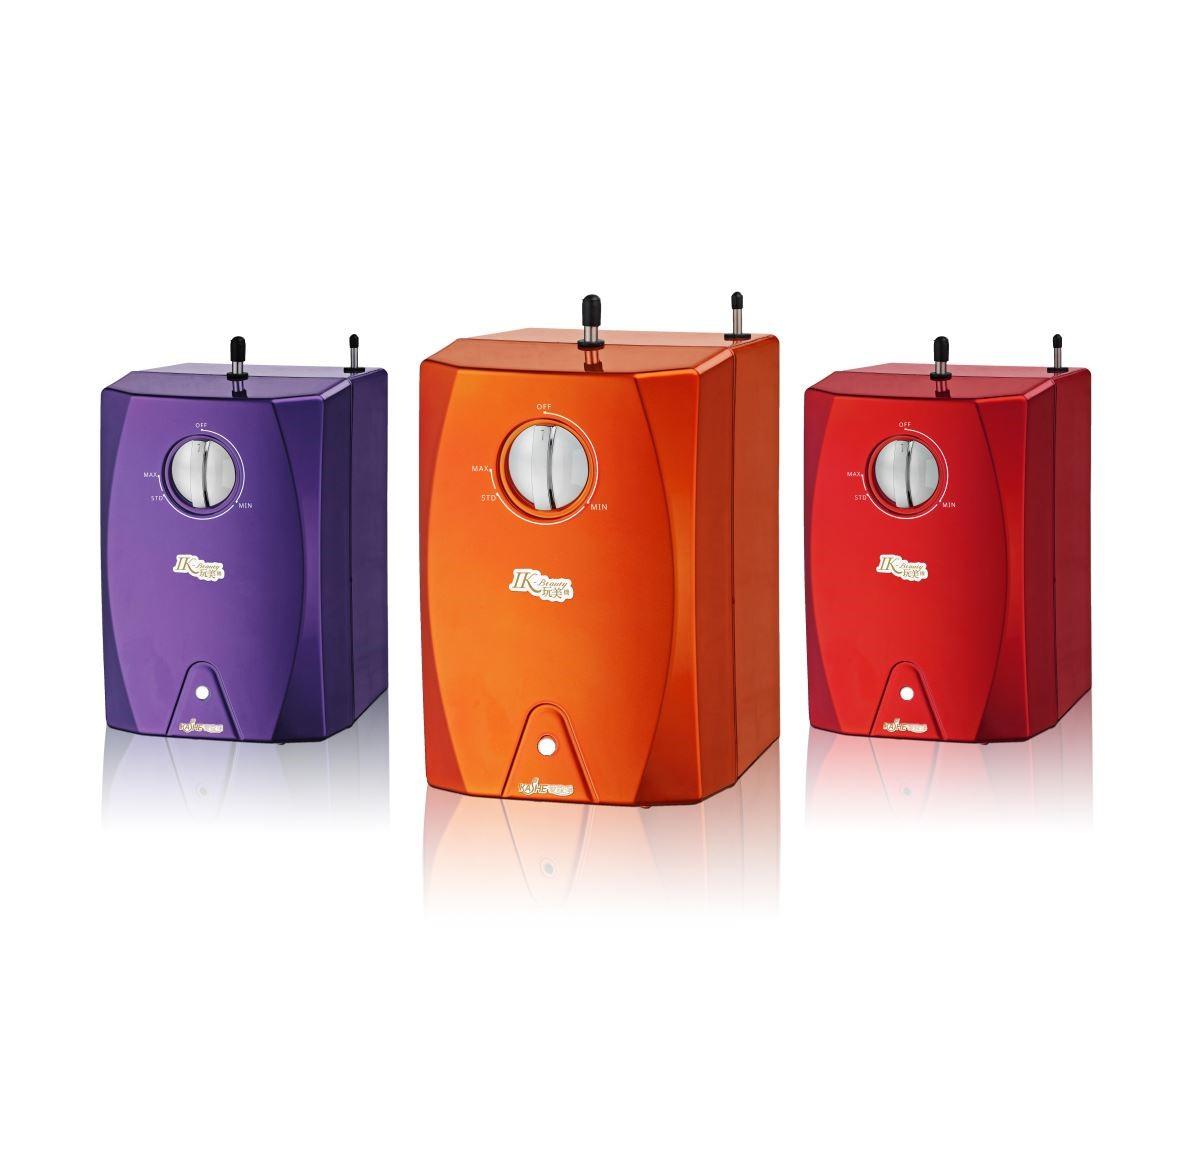 櫥下型熱飲機 IK-Beauty 提供繽紛亮眼的紫、橘、紅三色,以時尚身型實踐美學生活。